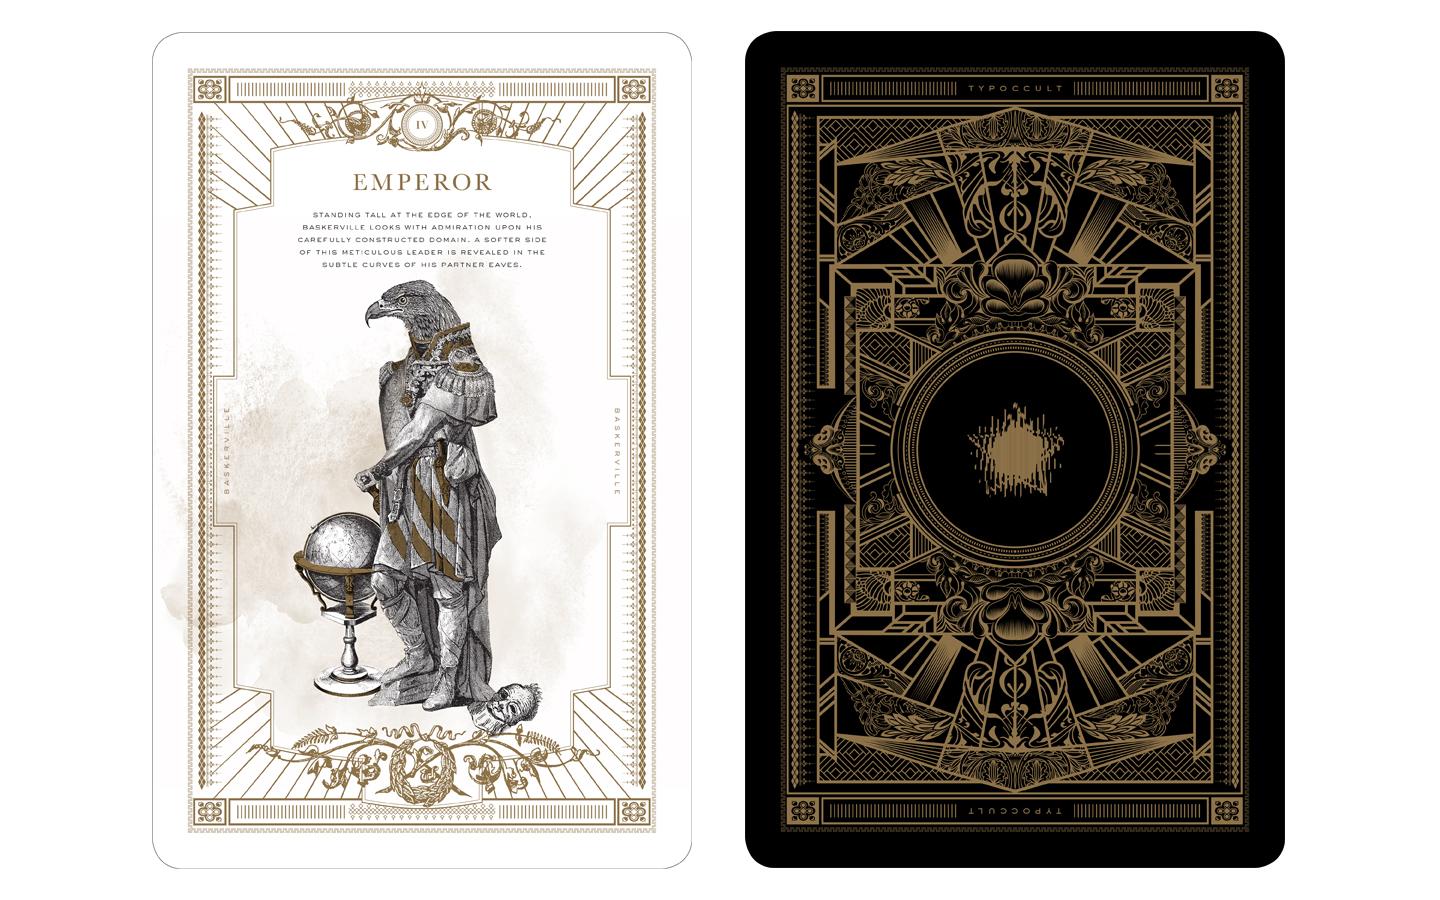 04_Cards_Emperor.jpg